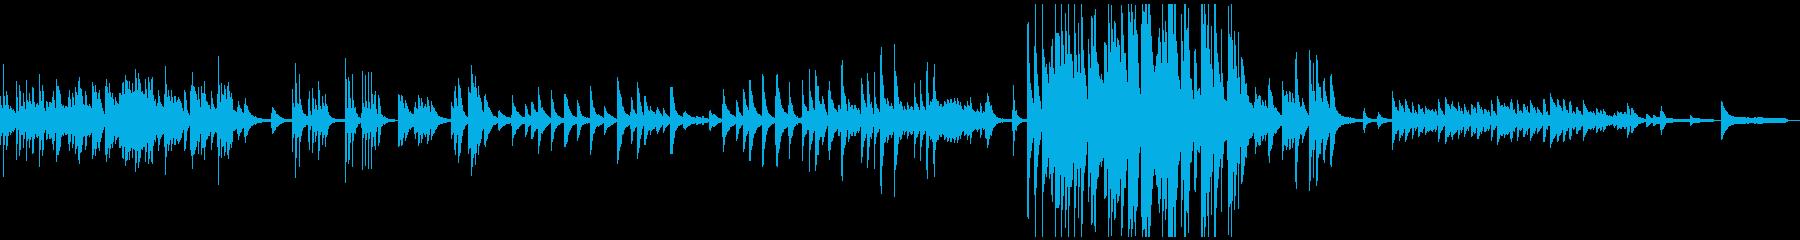 3:25/しんみりと暖かく優しいピアノ曲の再生済みの波形